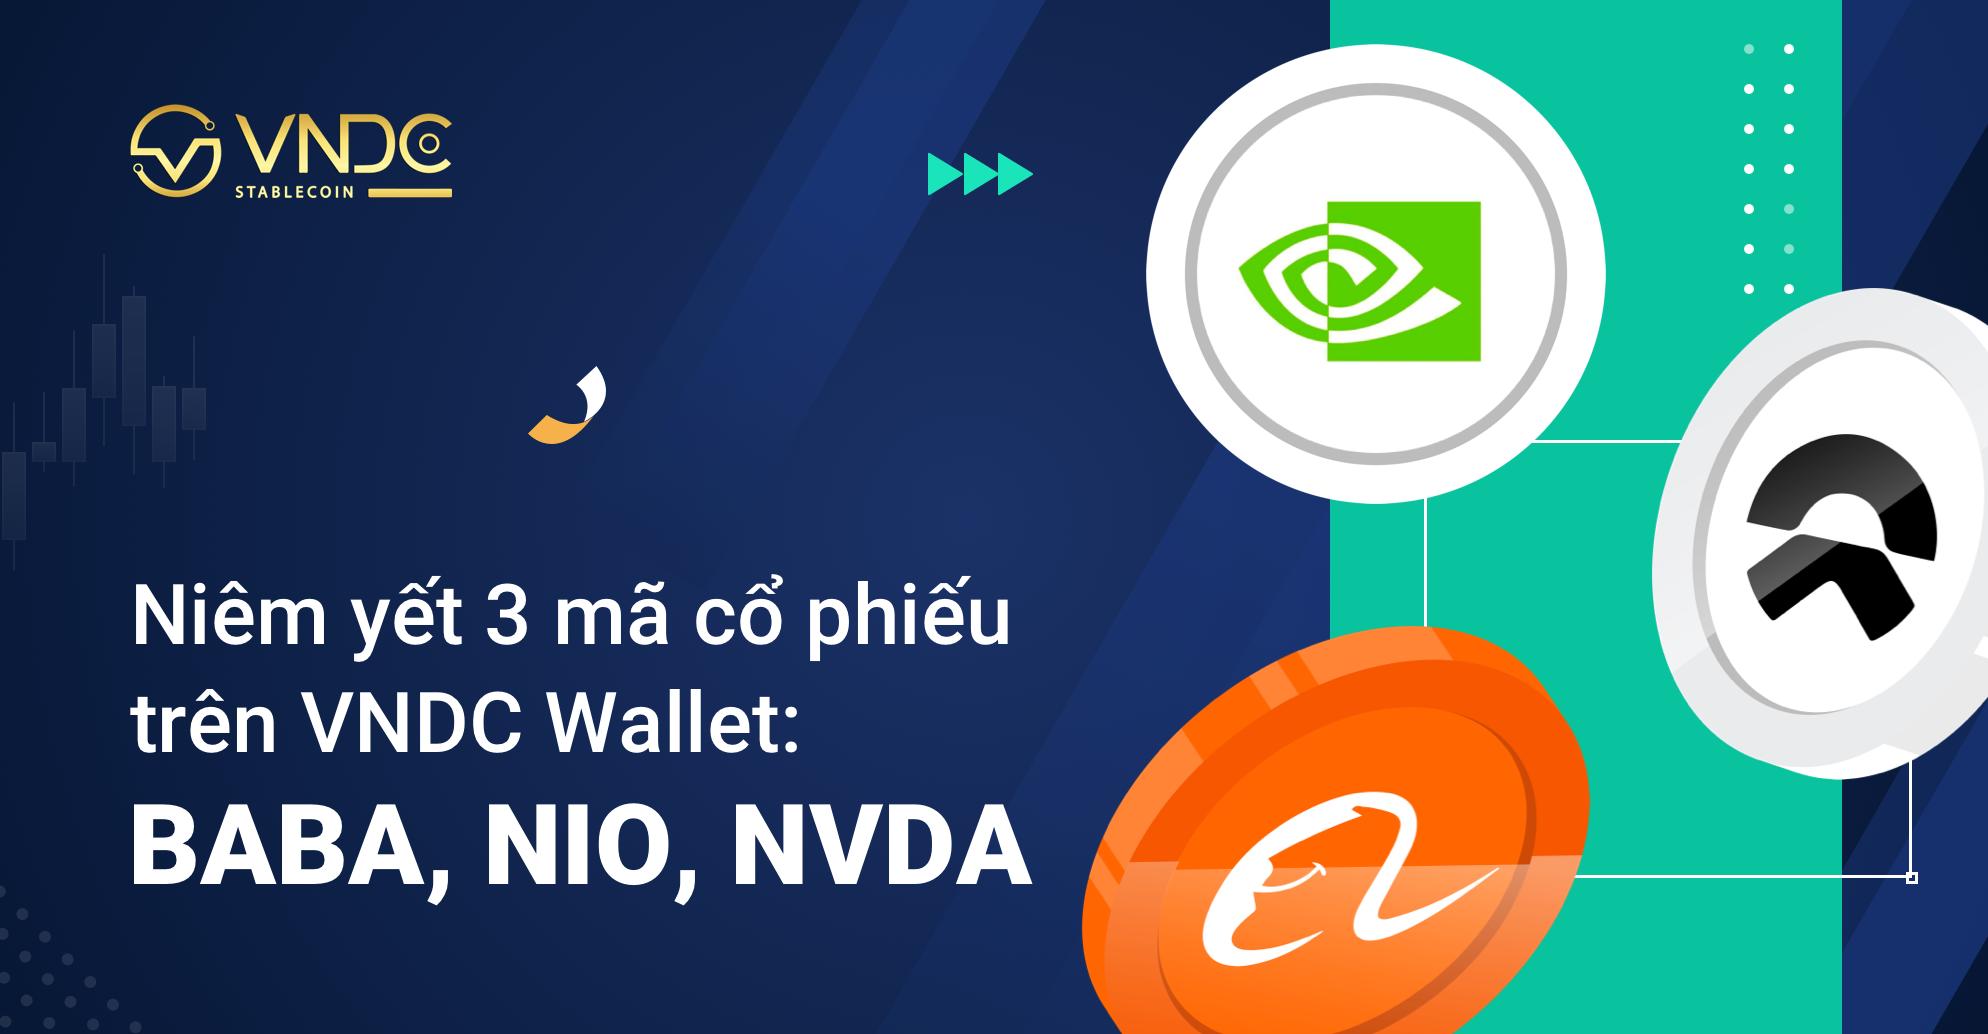 Niêm yết thêm 3 mã cổ phiếu trên VNDC Wallet: BABA, NIO, NVDA